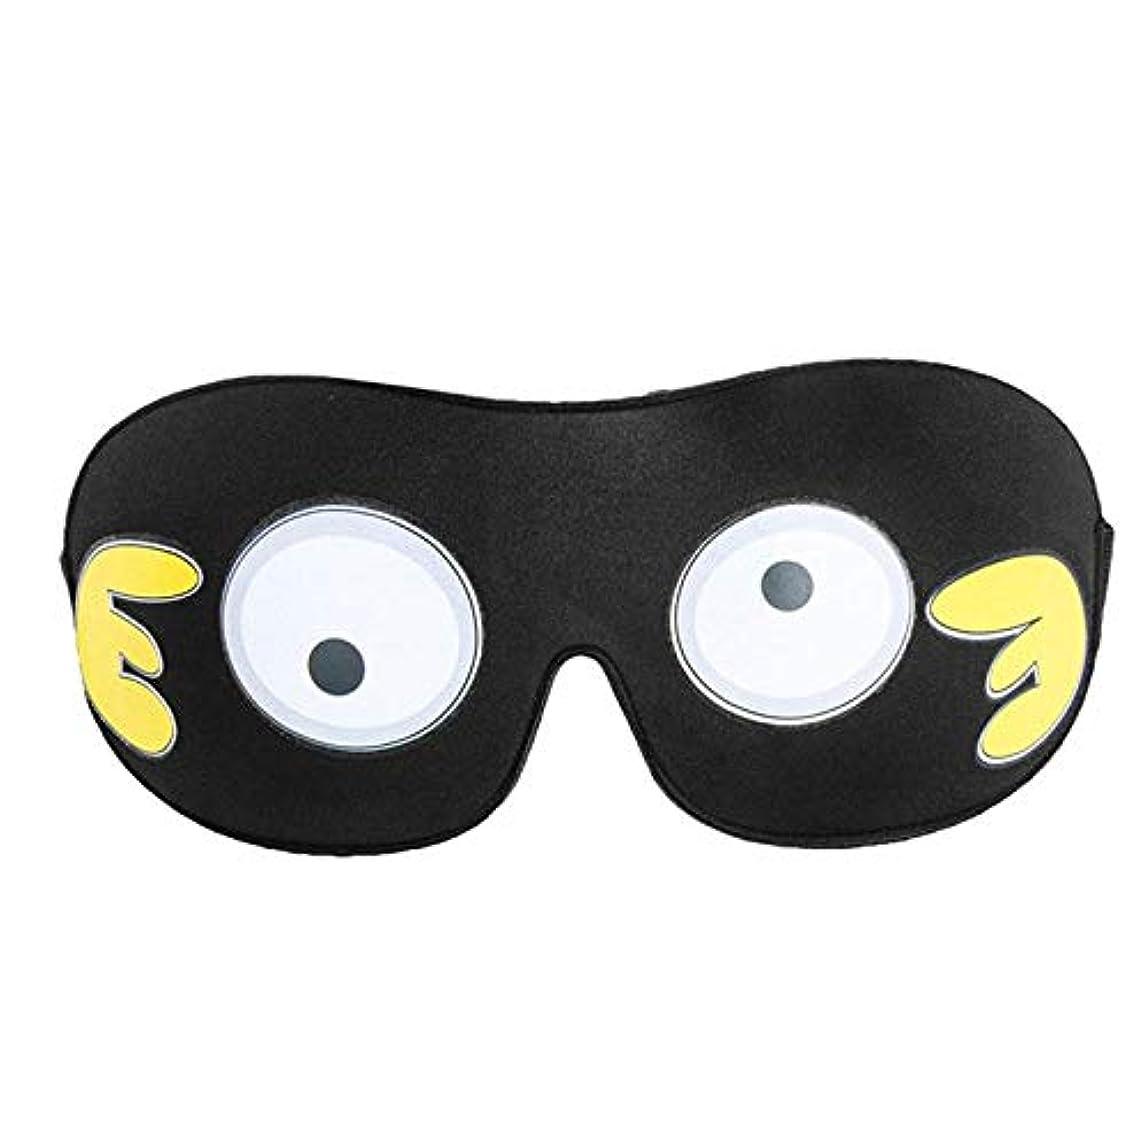 関与するプロテスタント添付NOTE 1ピースアイマスクプリント軽量シェーディング3dラージポリスターアイシェードスリープマスク目隠しに子供男性女性